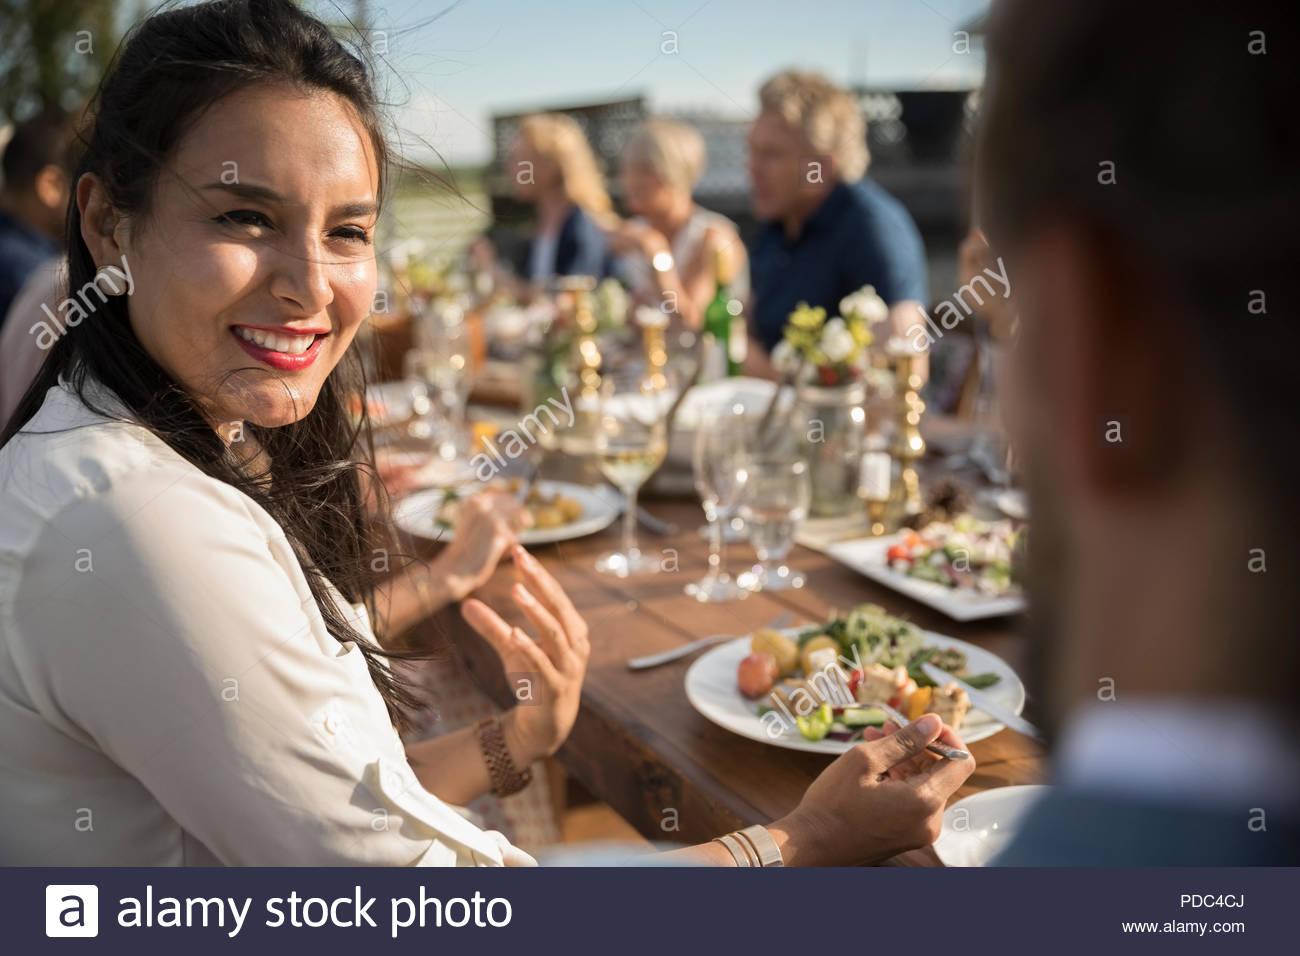 Donna sorridente, mangiare e parlare con un amico a sunny garden party pranzo Immagini Stock